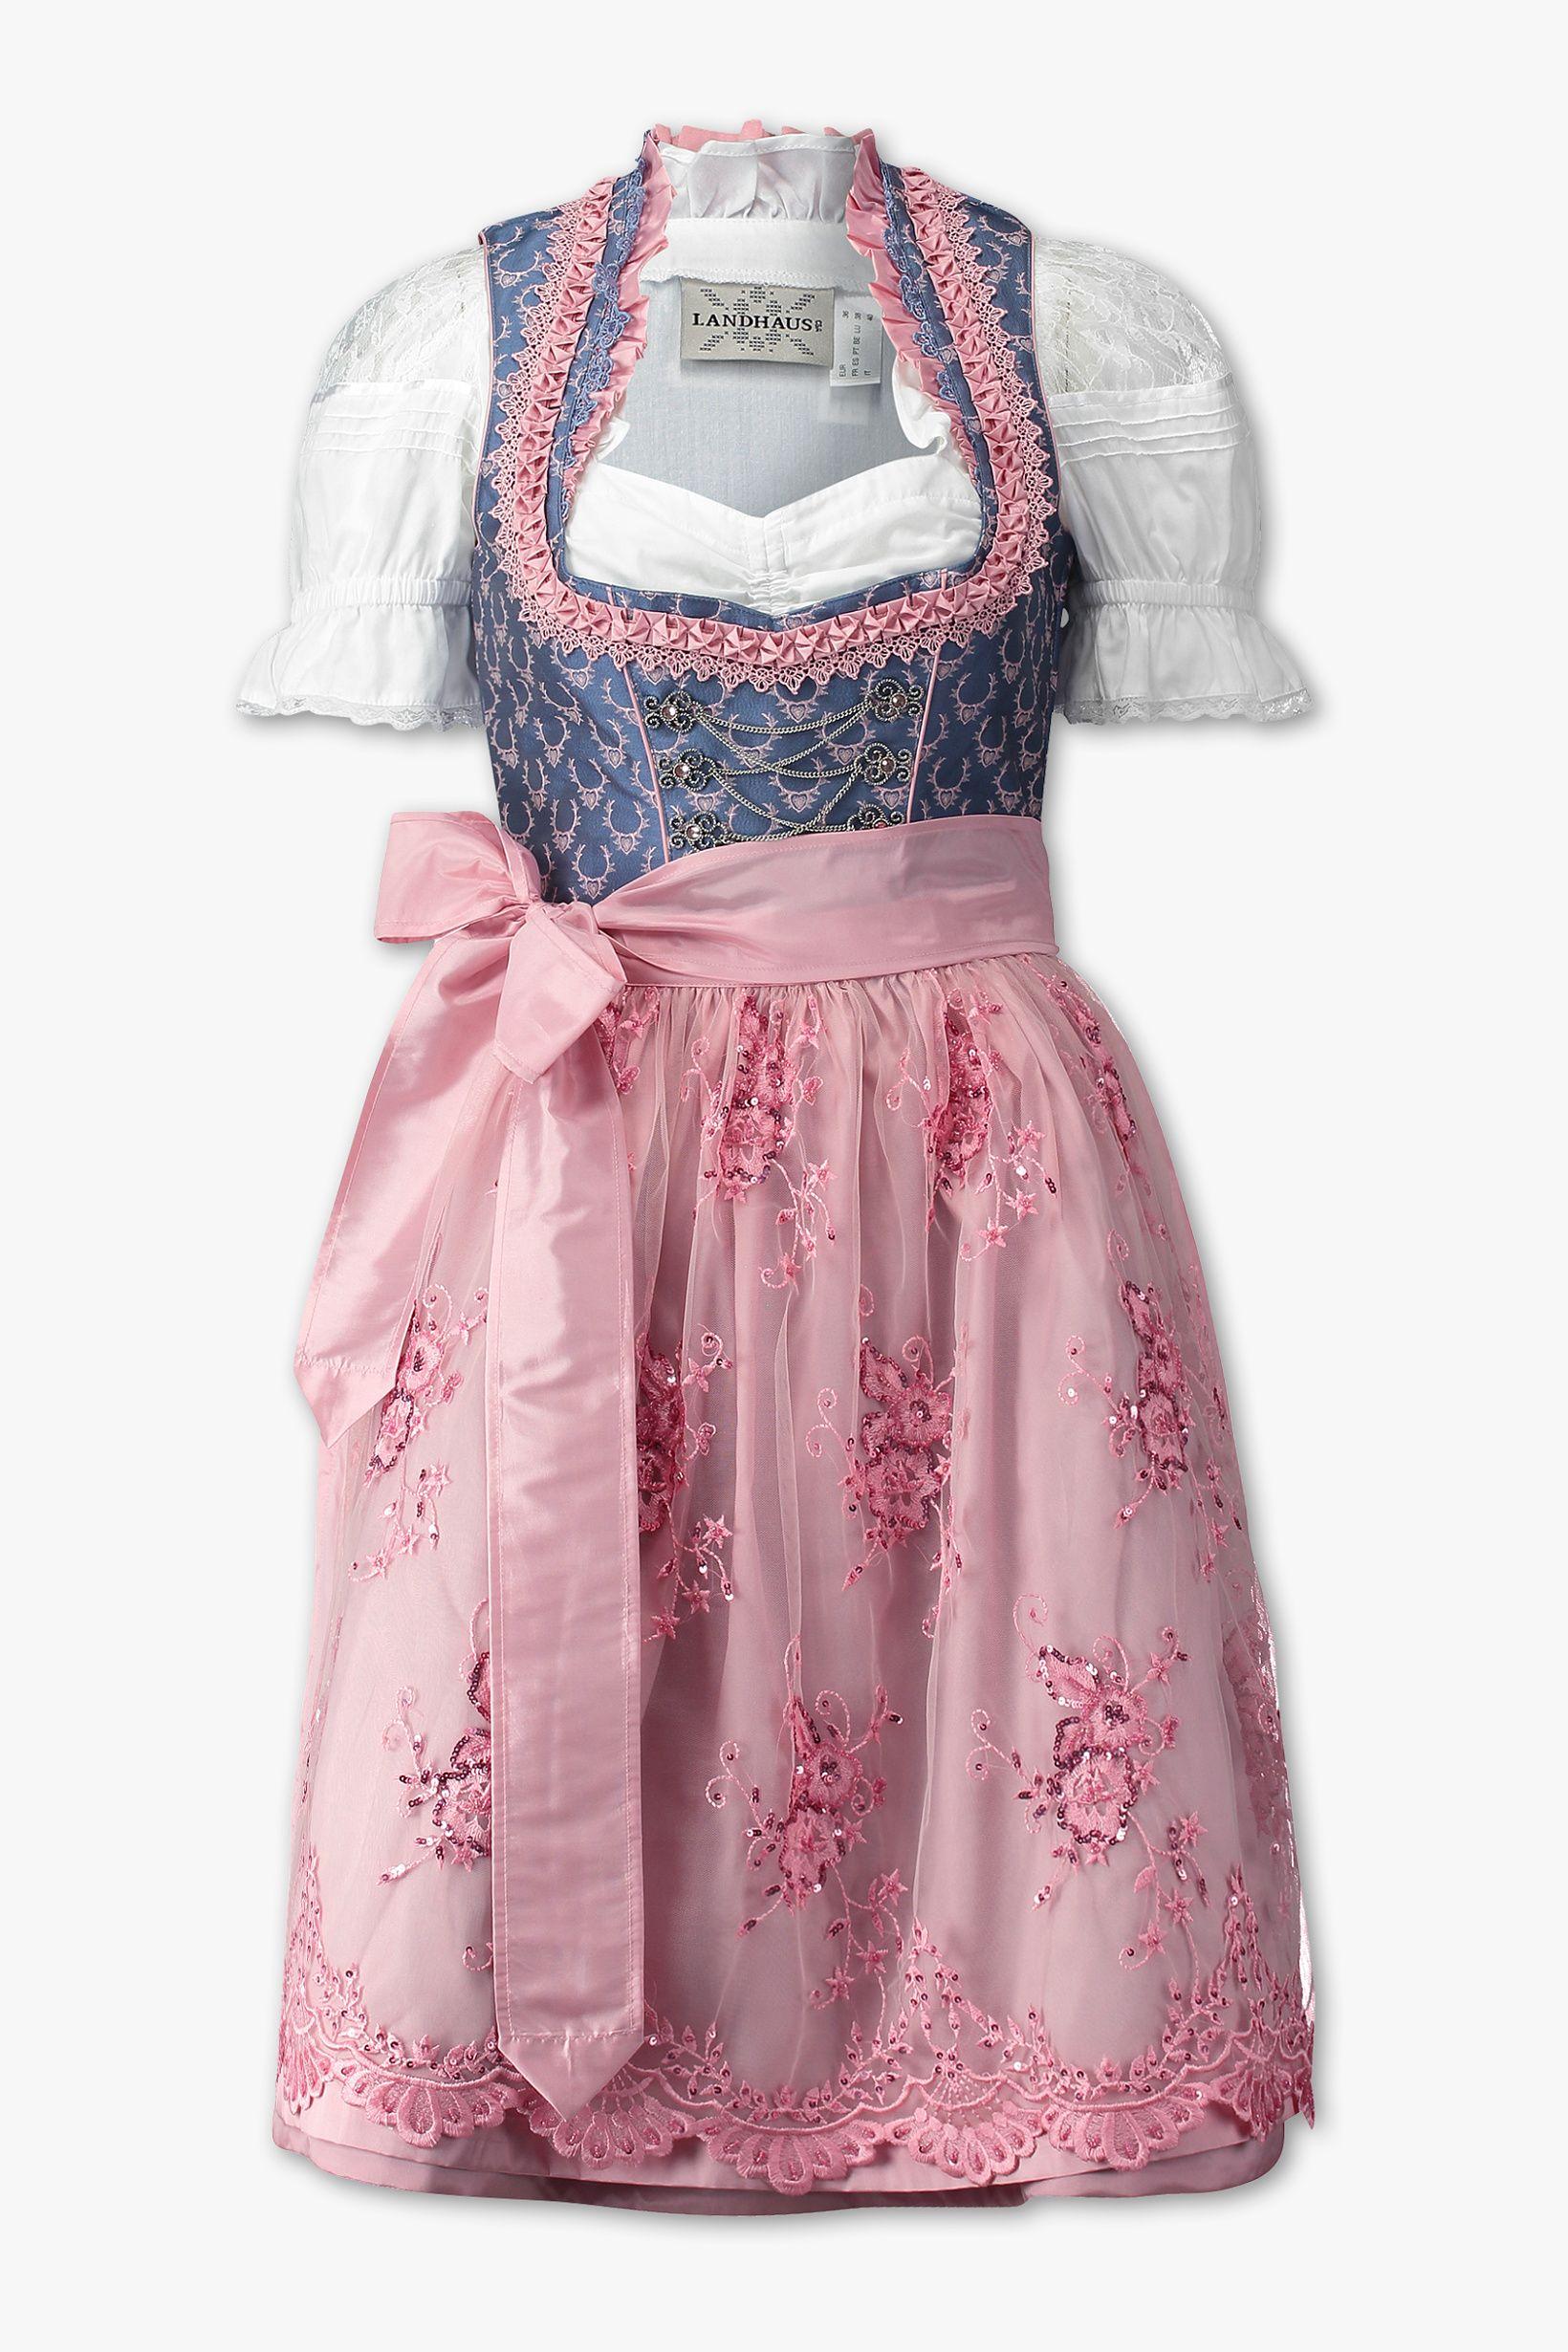 trachtenkleid   c&a   kleider, modestil, dirndl